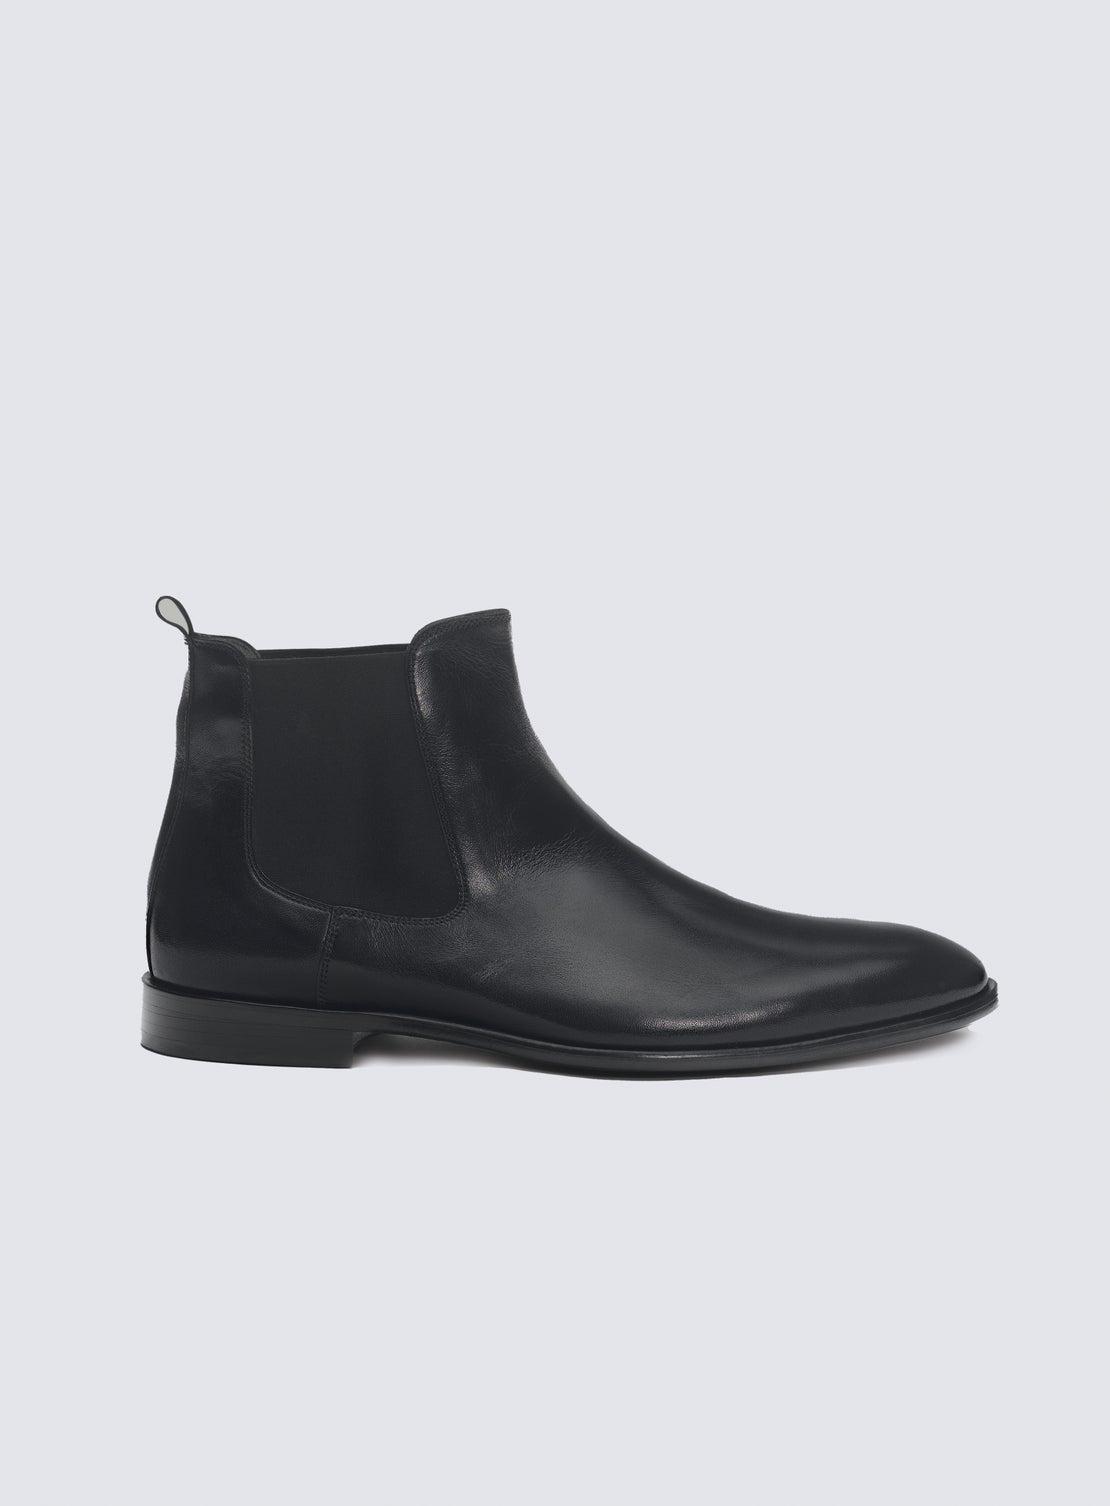 Buckley Black Chelsea Boot